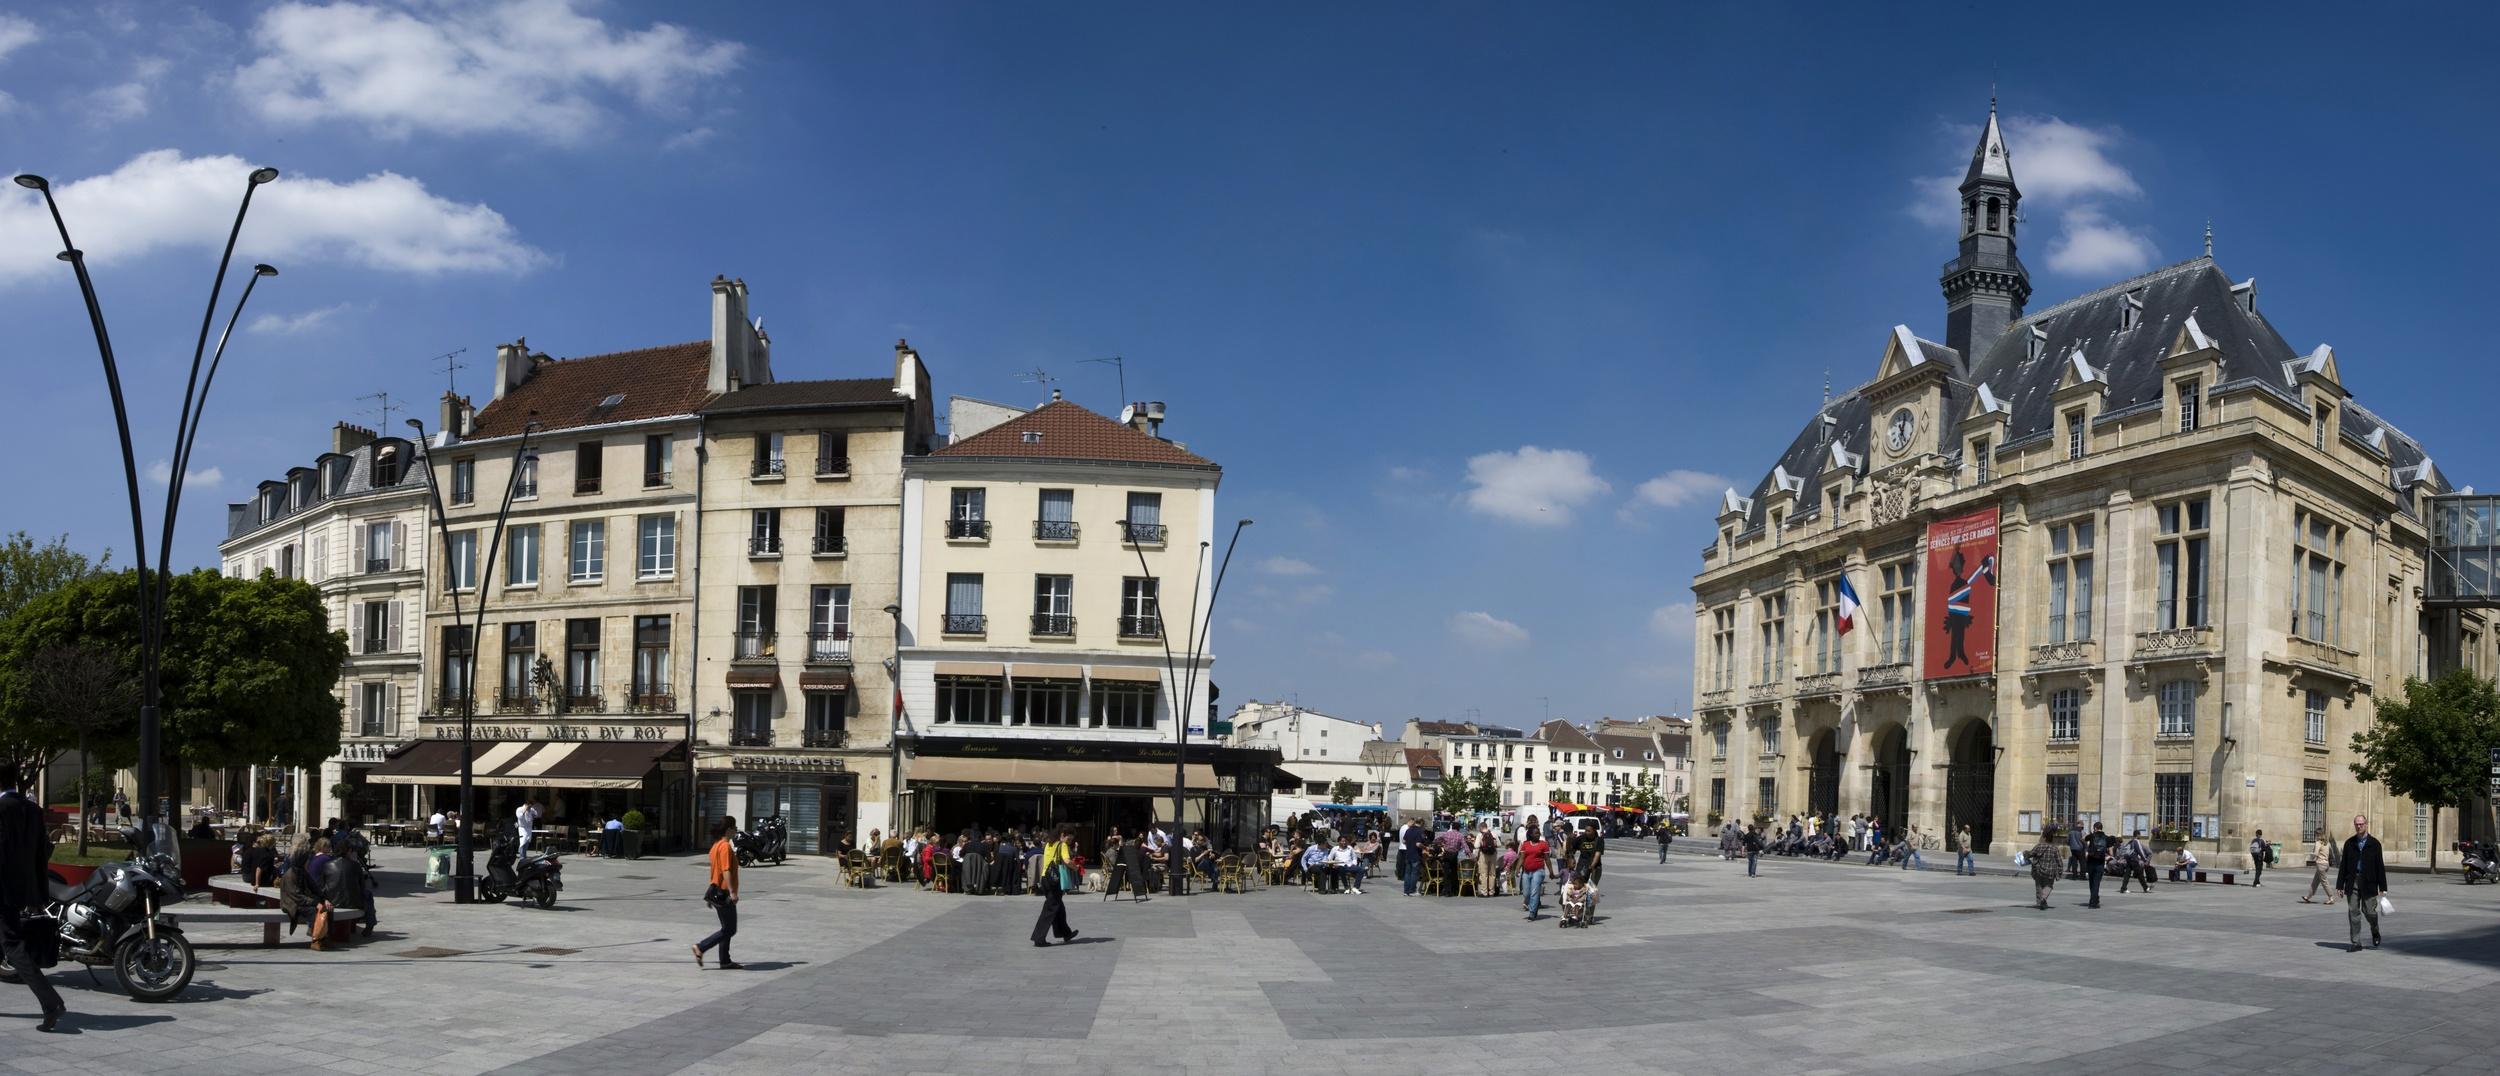 Budget 2019 ville de Saint-Denis